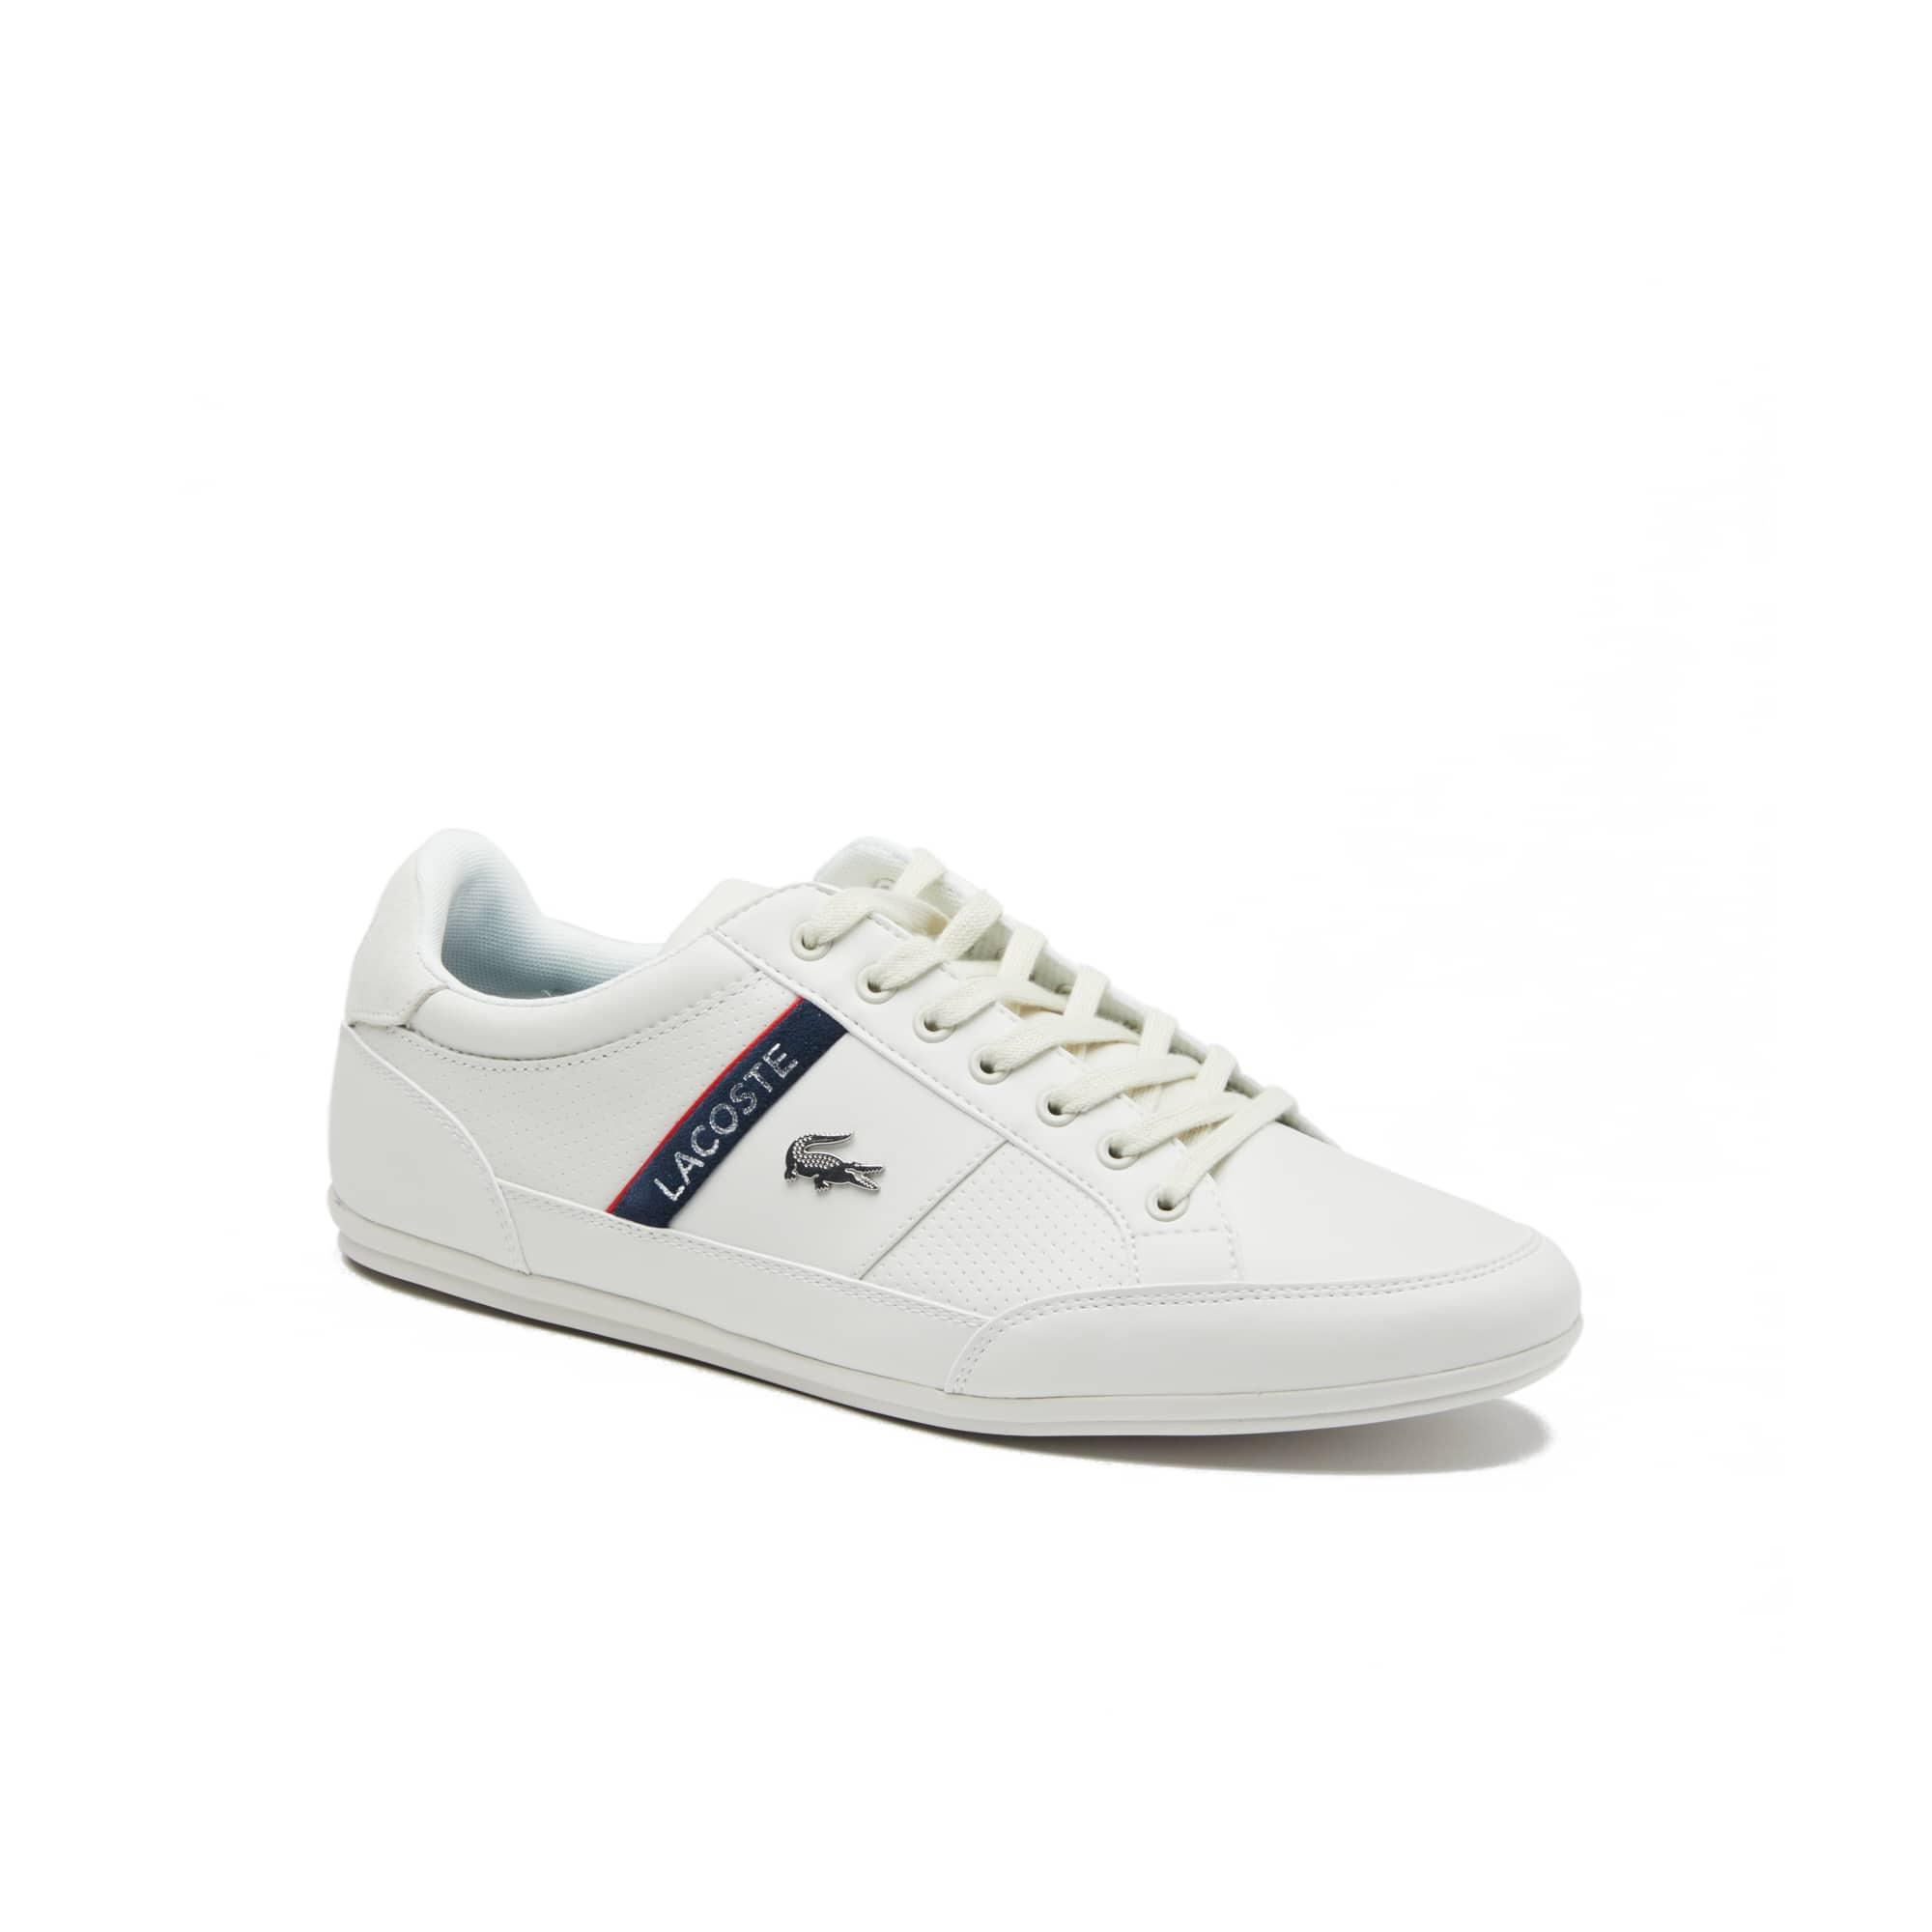 de21aa9a11a Men's Shoes   Shoes for Men   LACOSTE